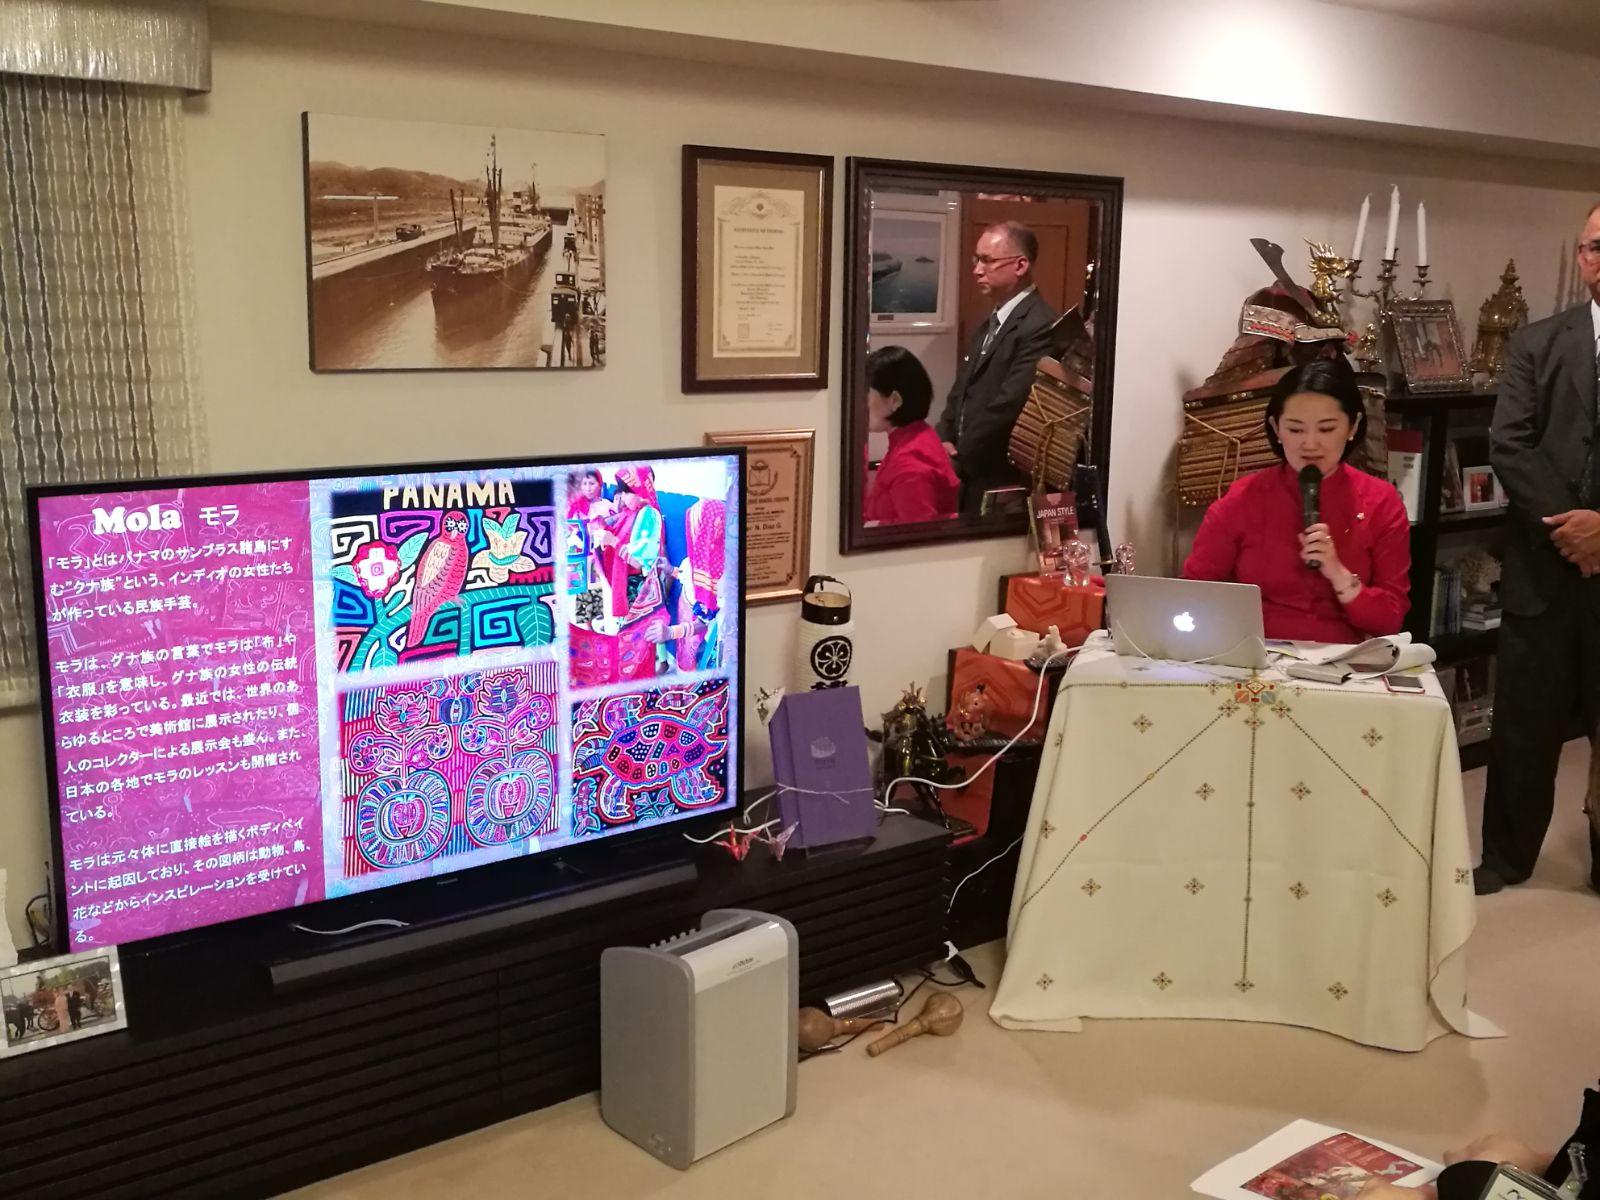 パナマの紹介プレゼンテーションを行う畑田紋奈大使夫人